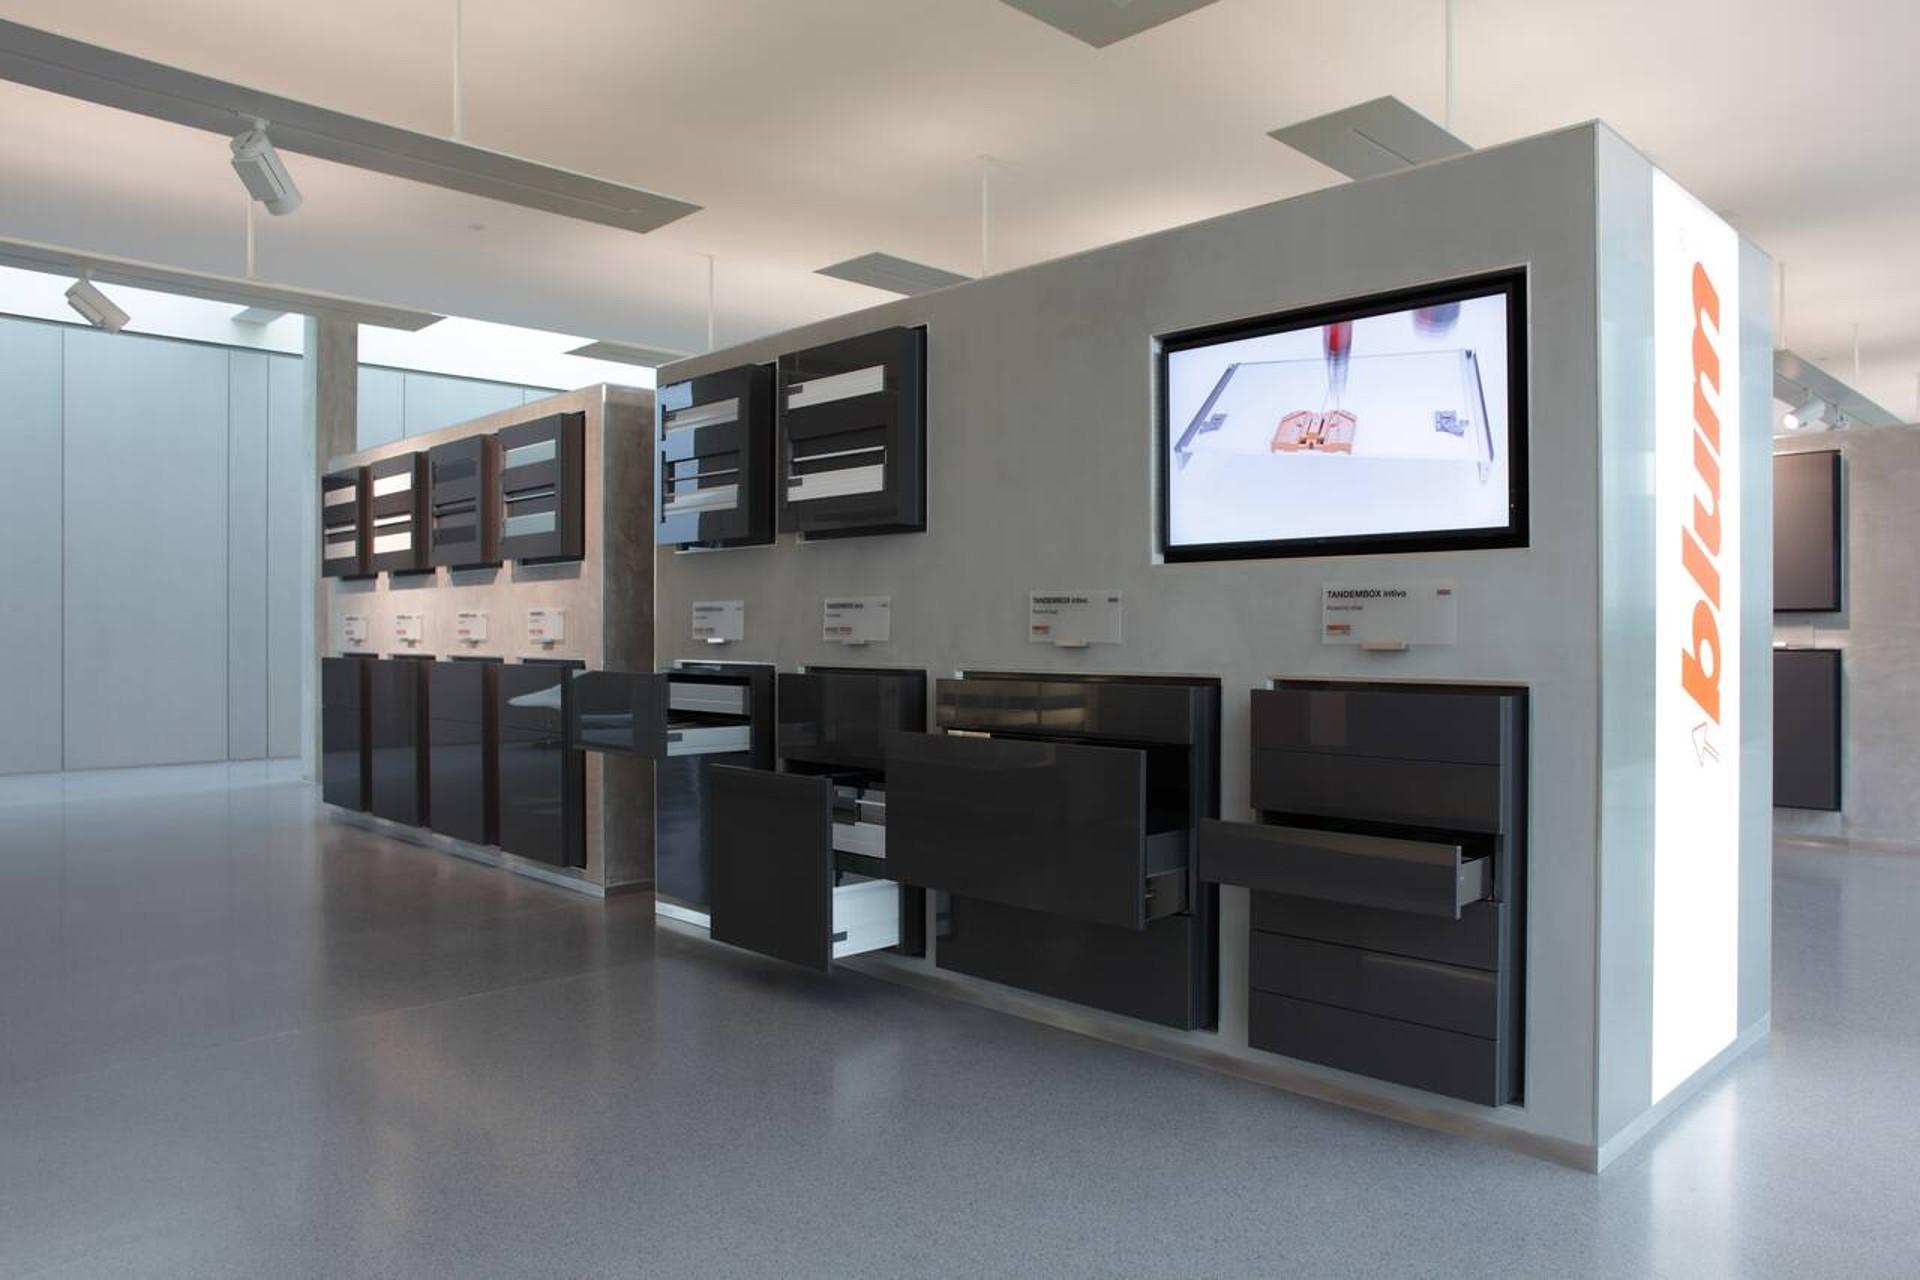 Keuken Scharnieren Blum : Blum showroom in sint niklaas blum